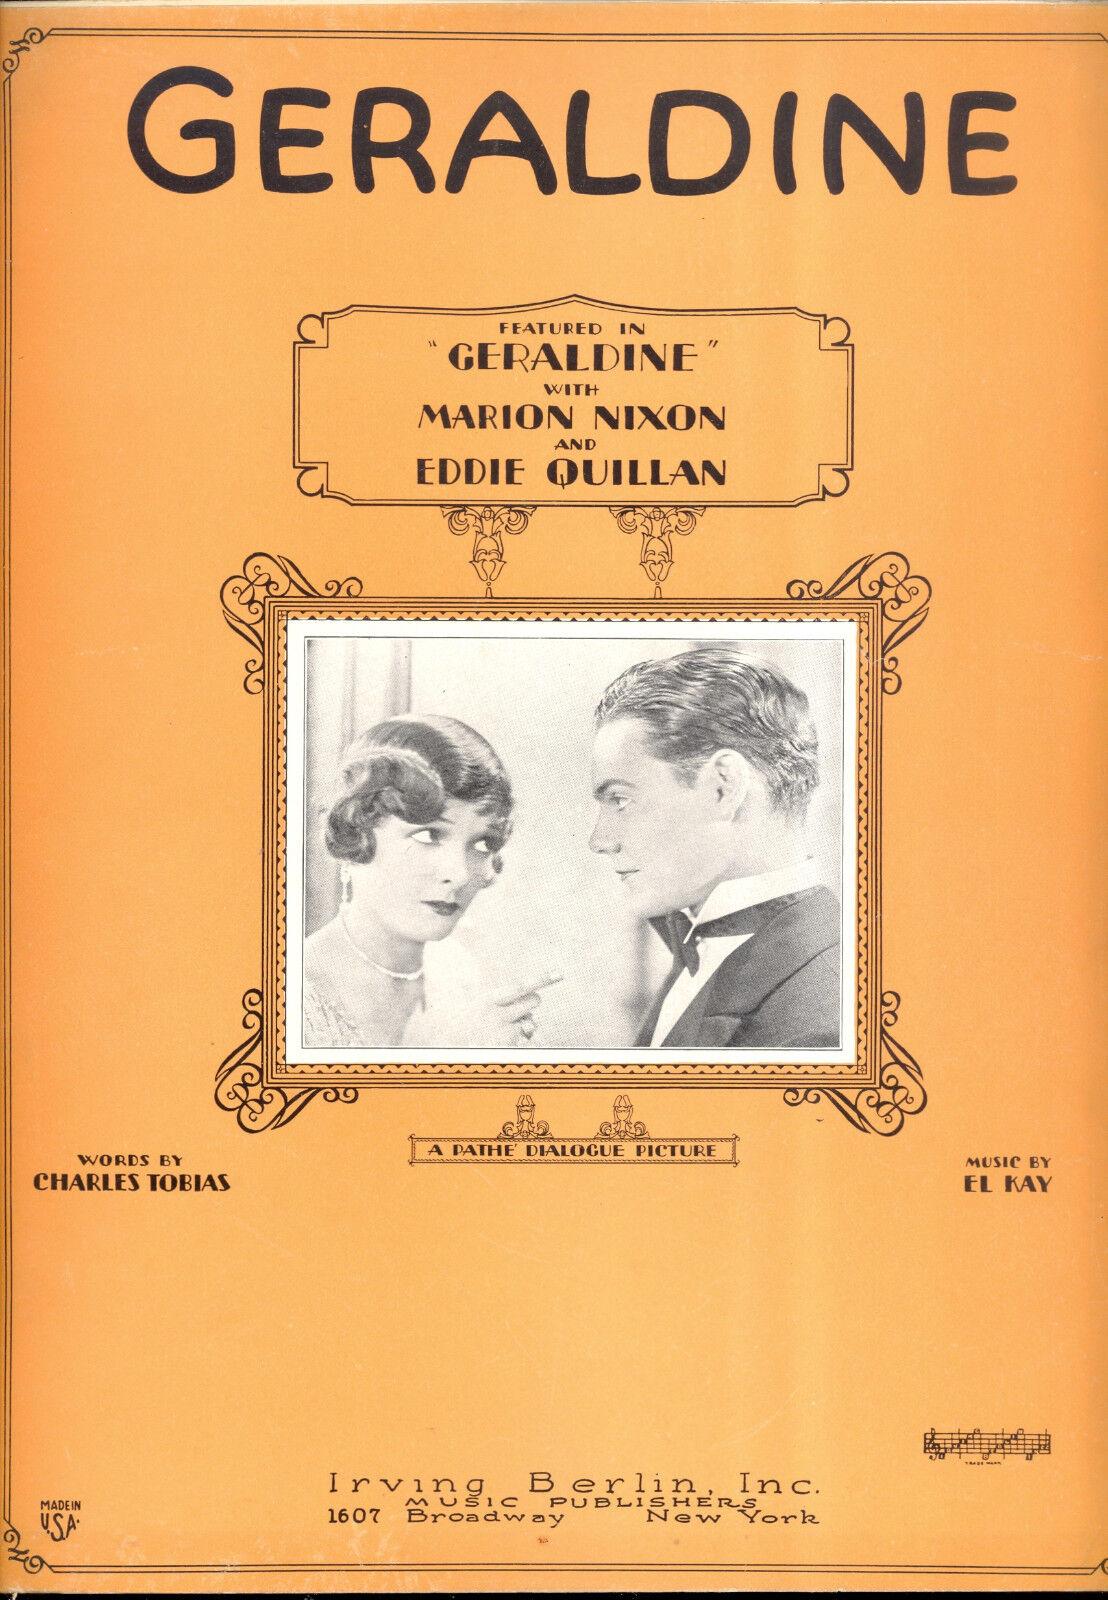 GERALDINE Sheet Music  Geraldine  Marion Nixon Eddie Quillan